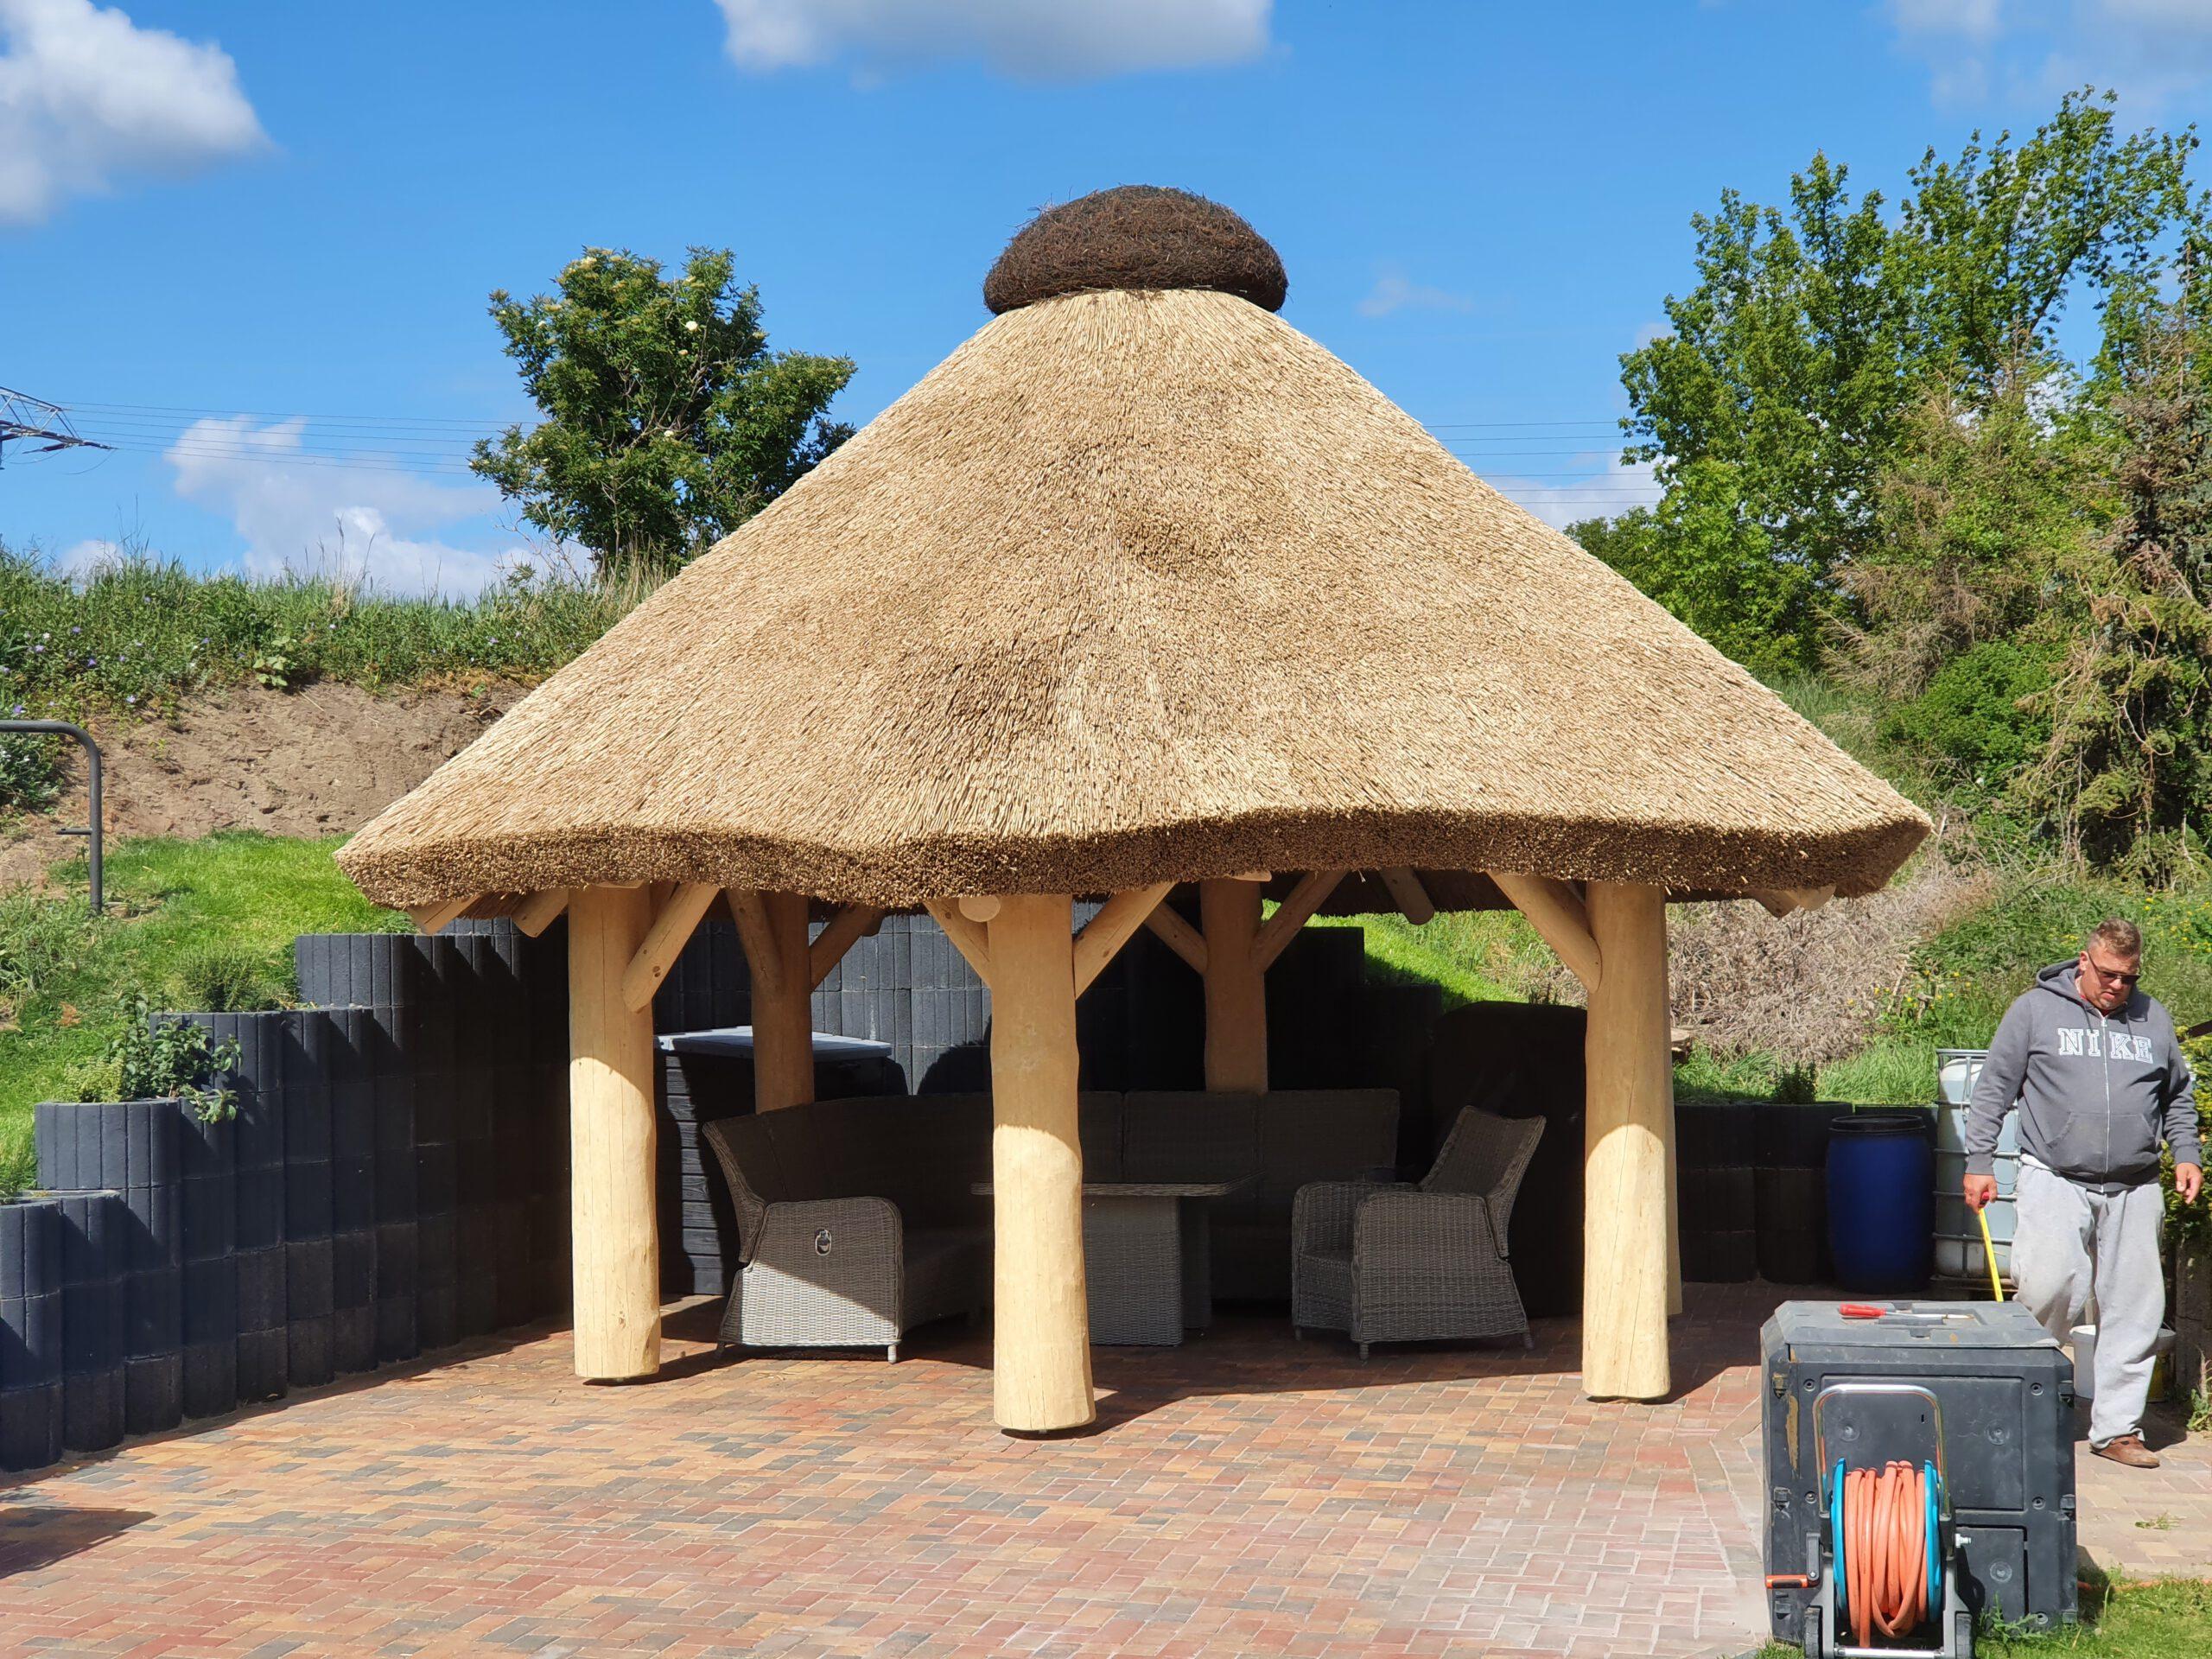 Gartenpavillon mit Reetdach